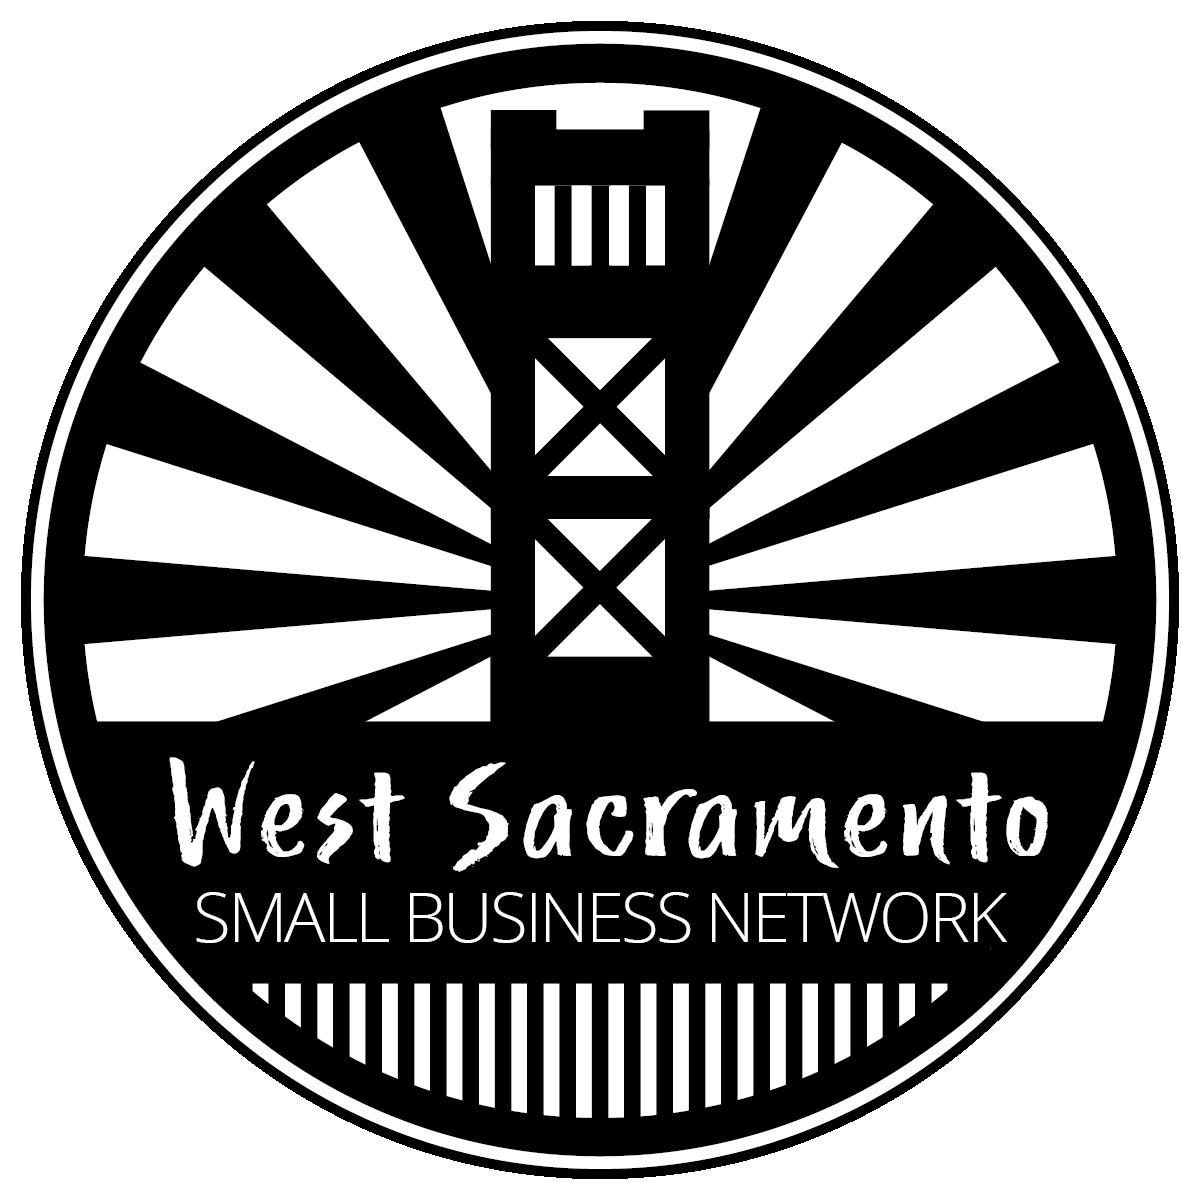 West Sac SBN Logo B&W PNG2